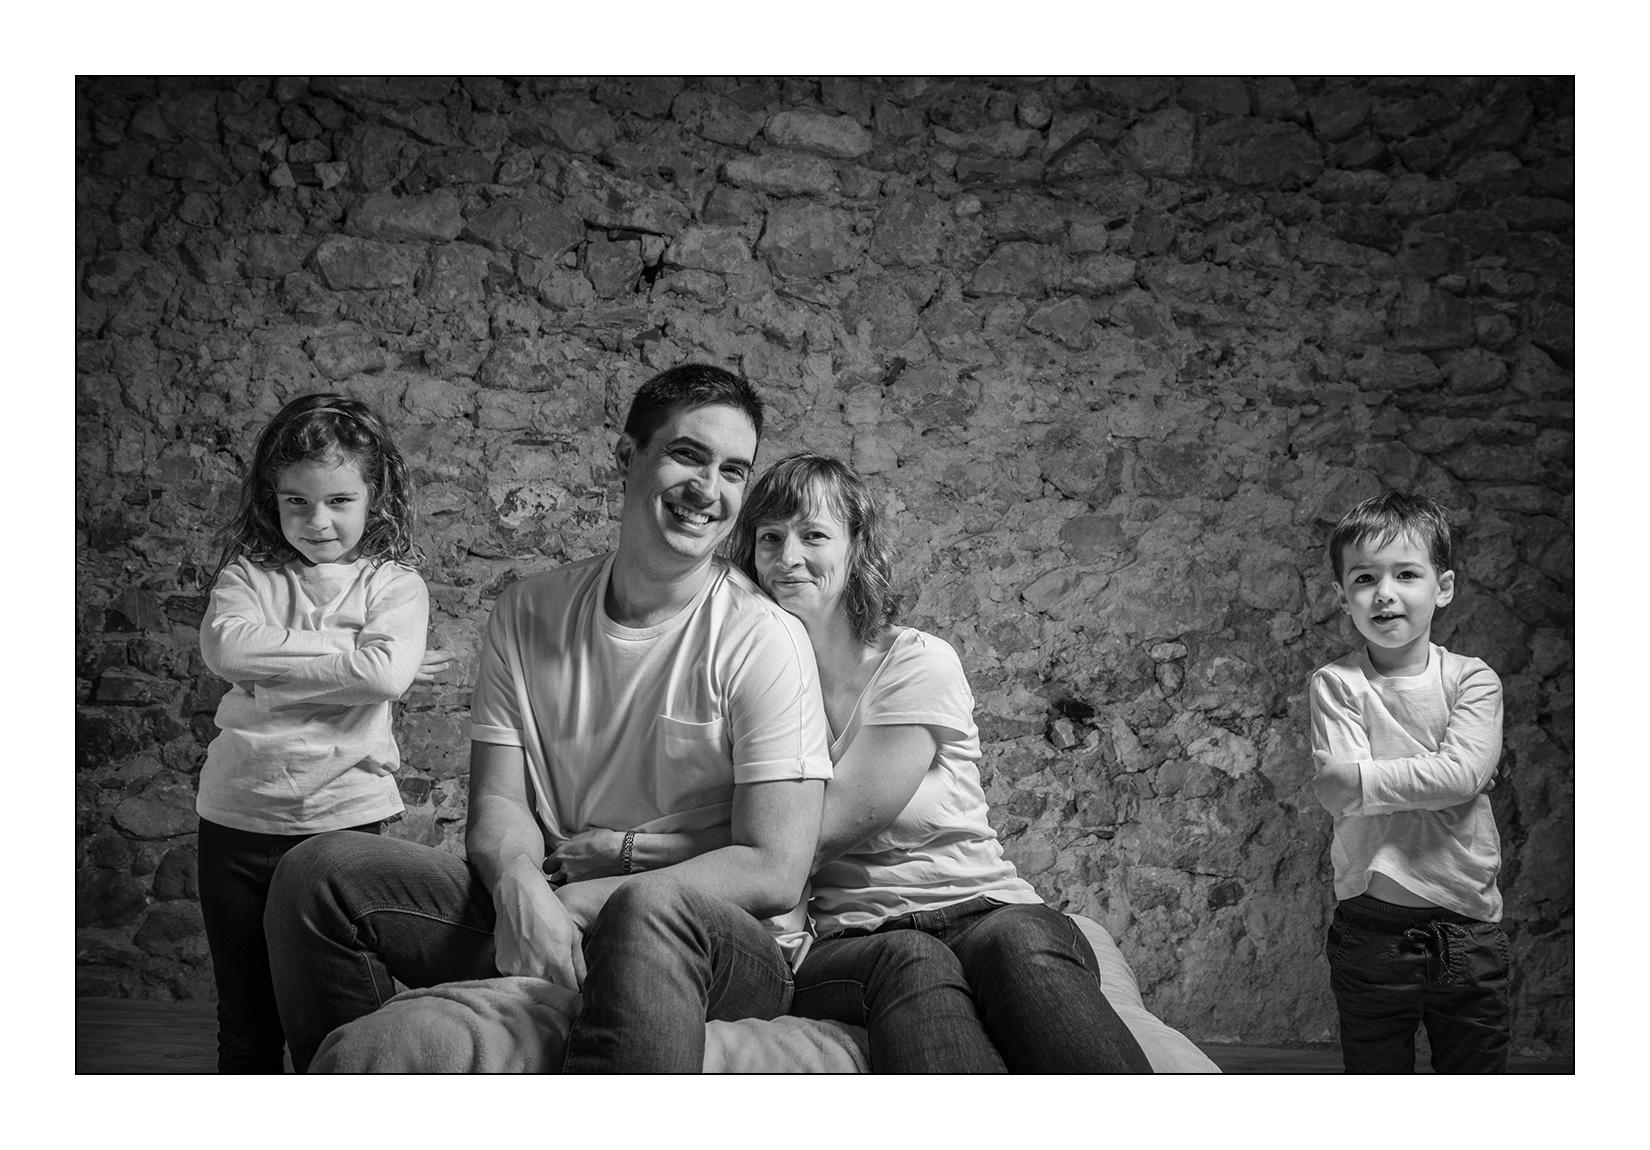 famille-studio-tribu-seance-noir-blanc-couple-enfants